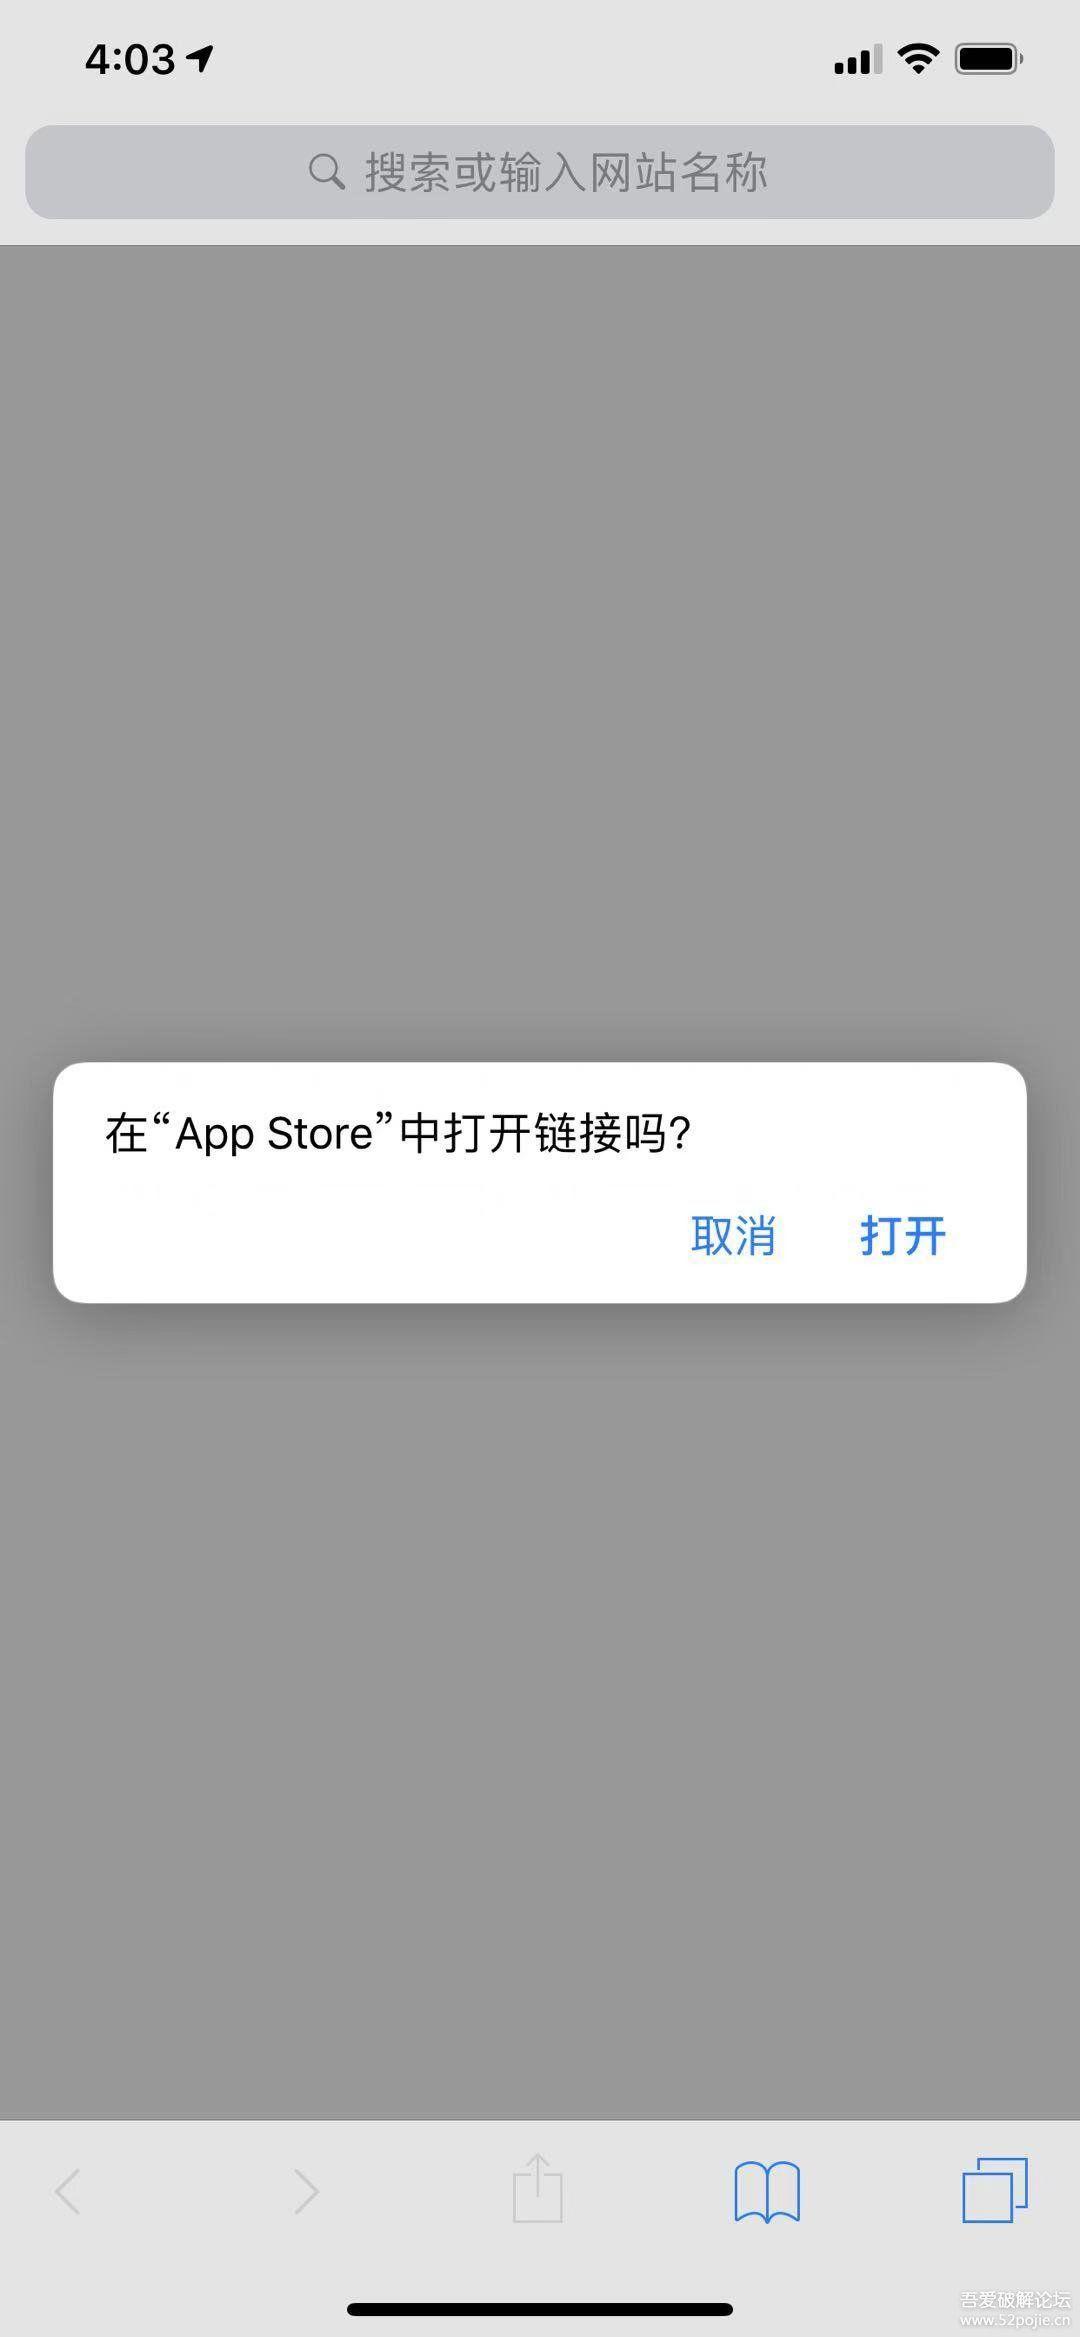 分享一个观影神器,伪装上架App商店,不怕掉证书